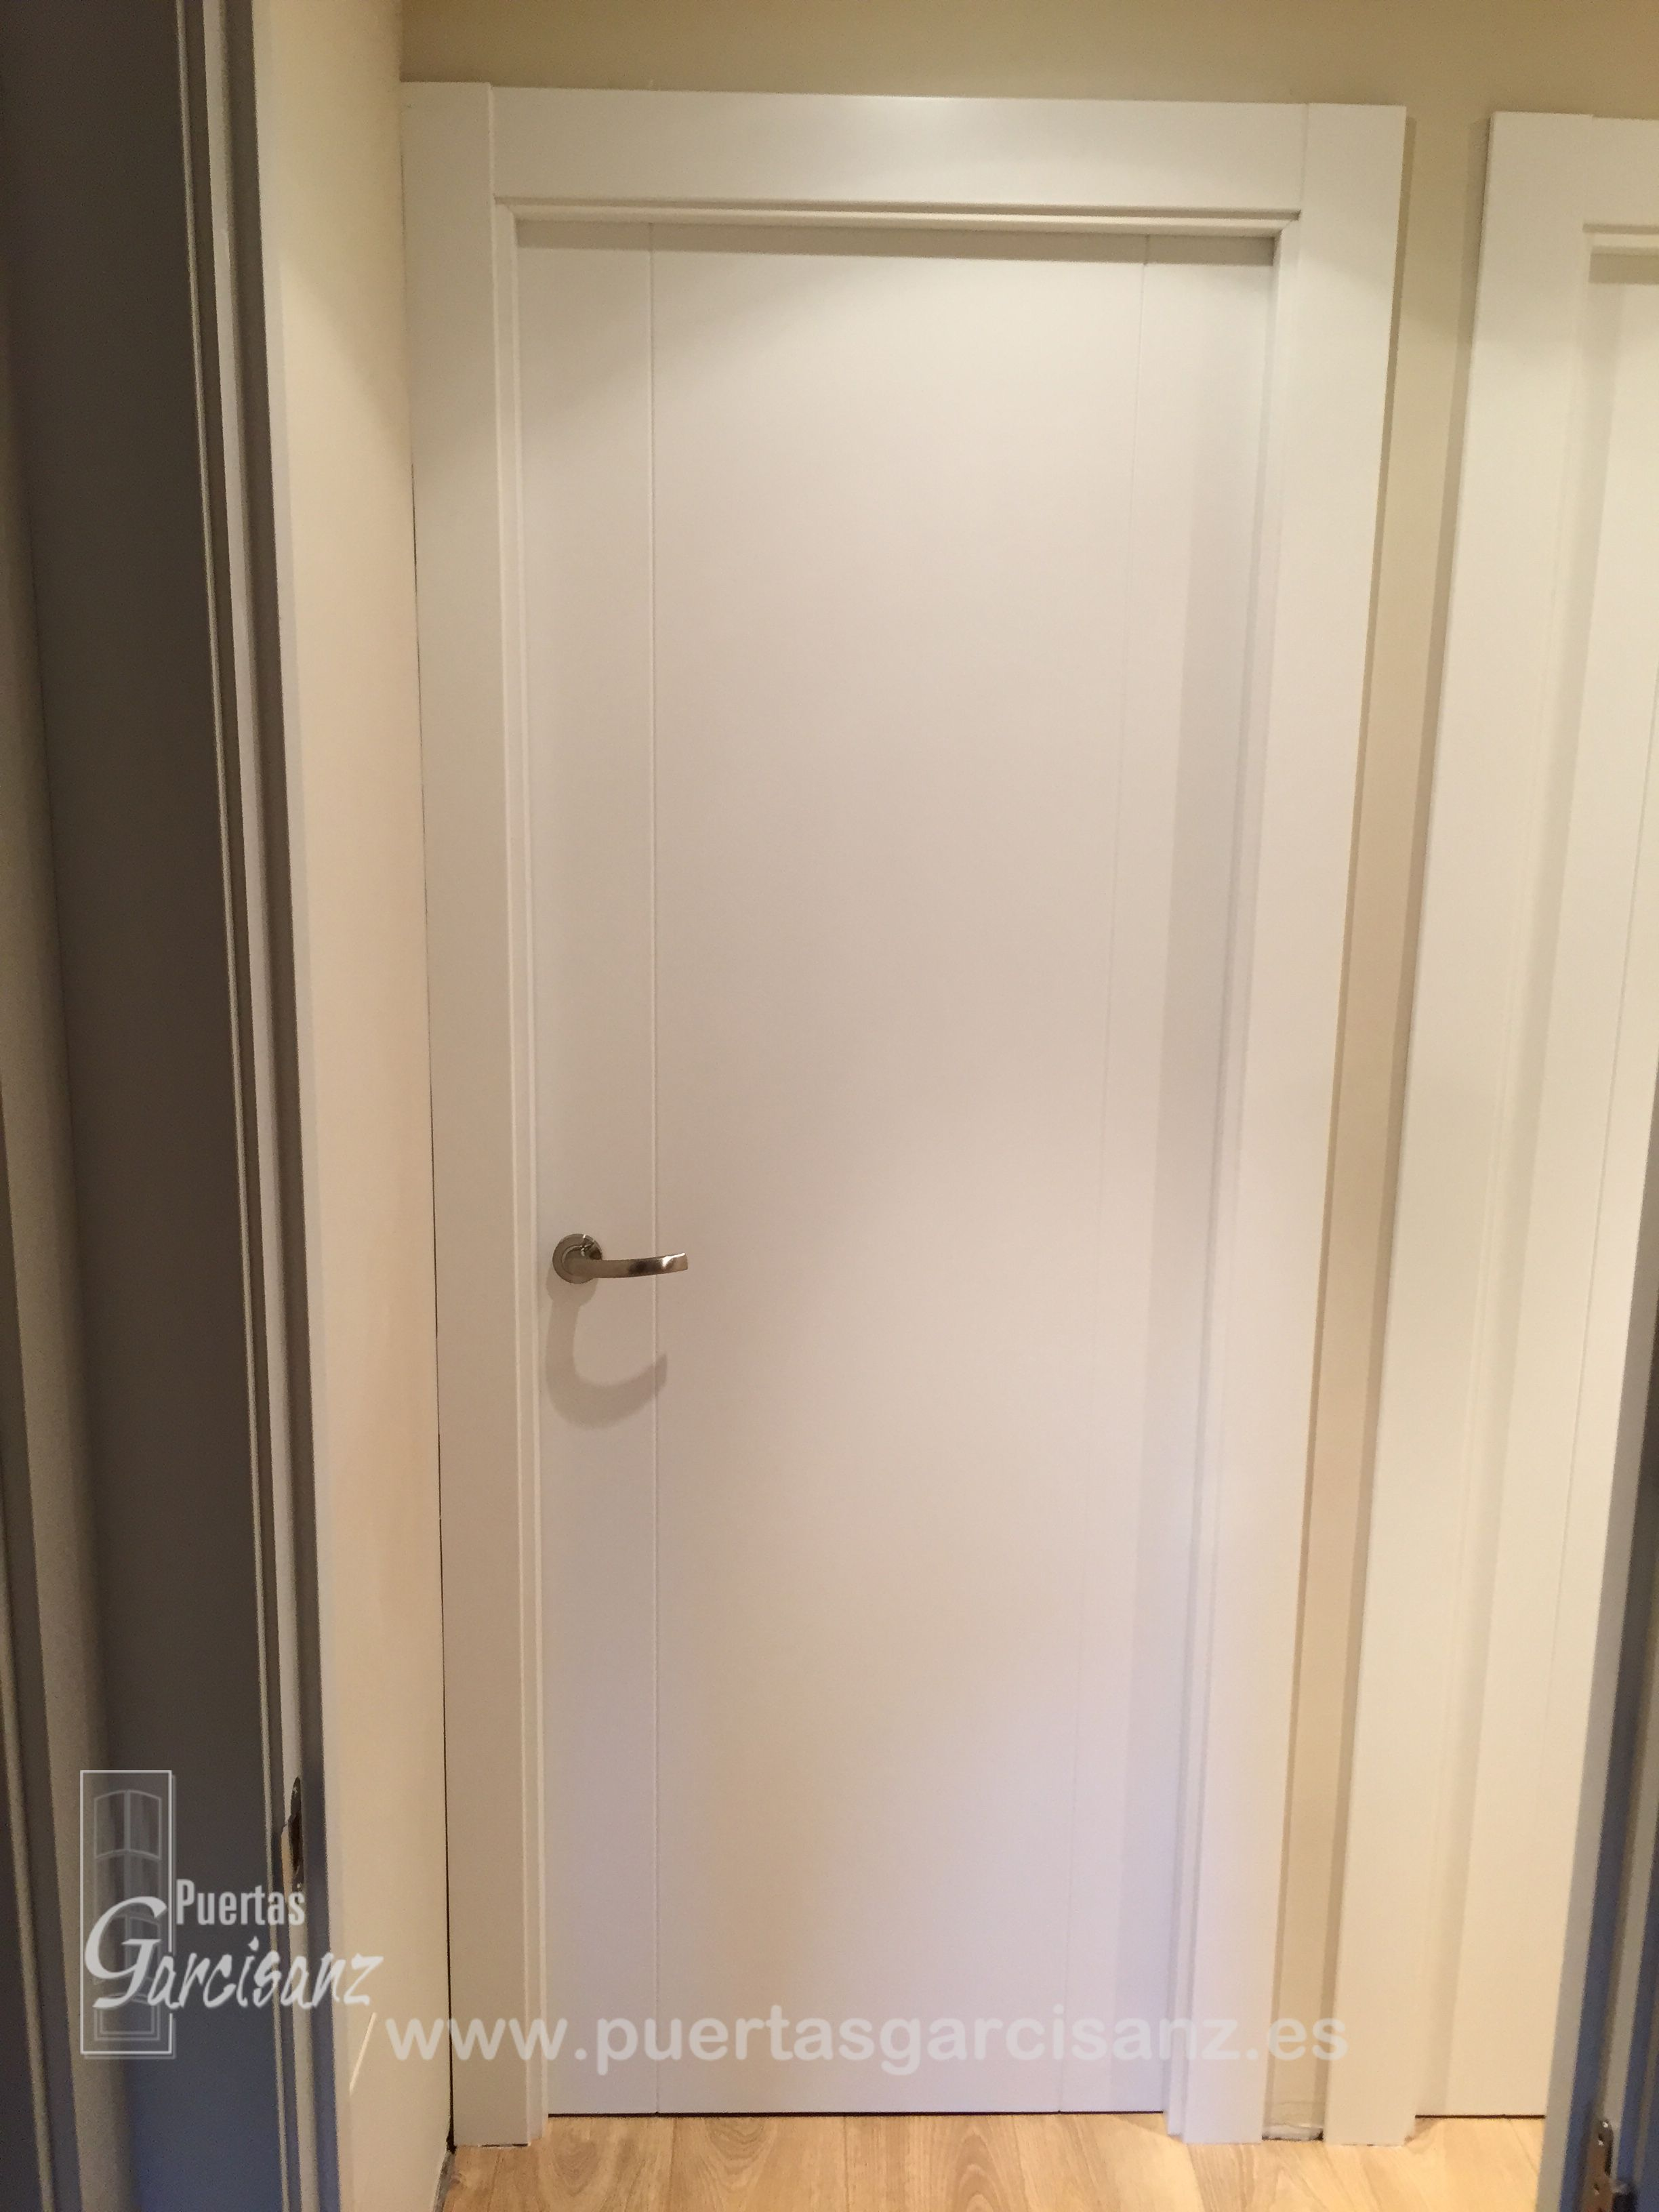 Puerta de paso ciega lacada en blanco mod 3 p con dos - Puerta lacada en blanco ...